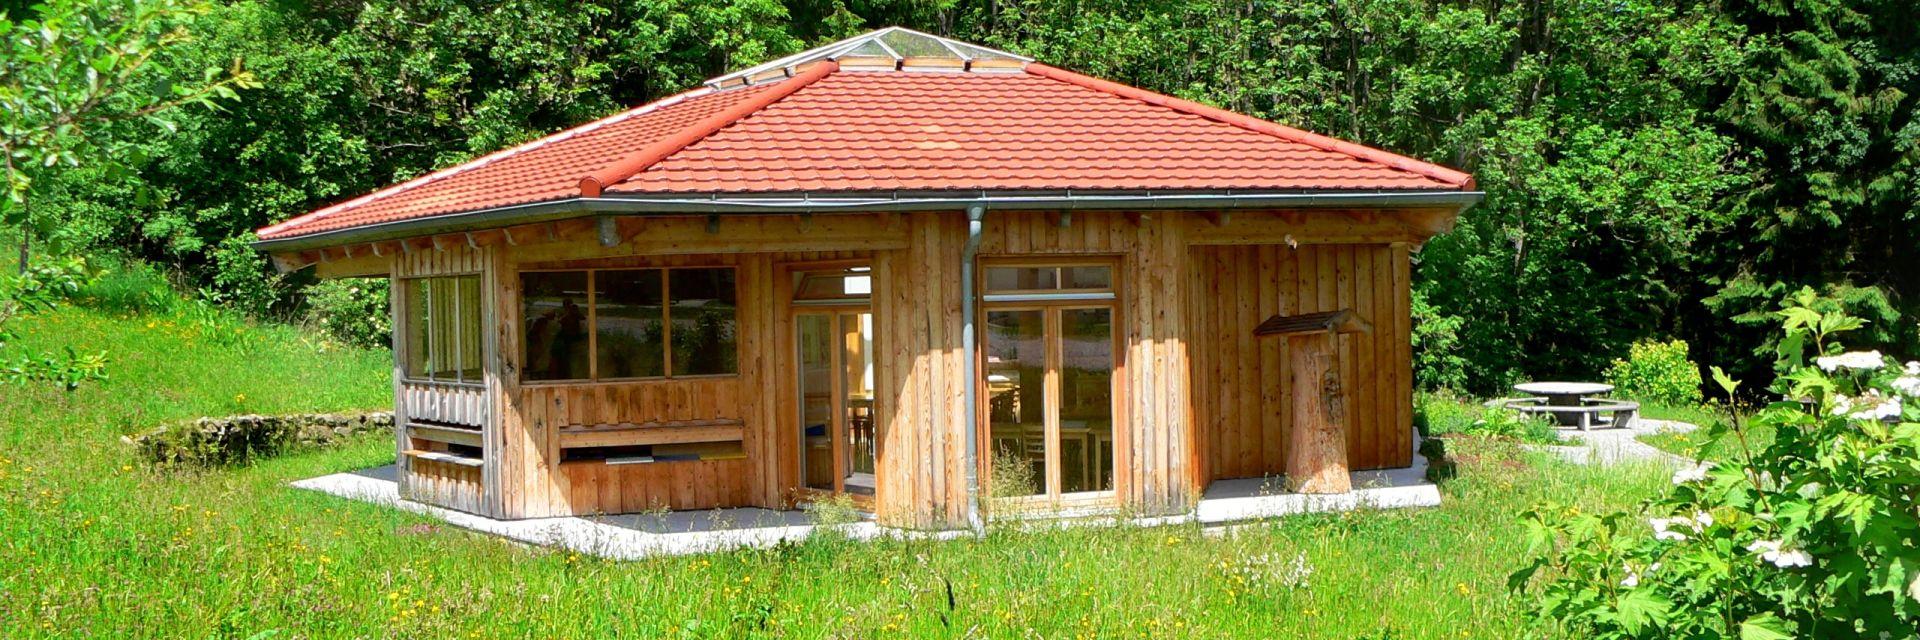 kirchberg-im-wald-ausflugsziele-haus-der-bienen